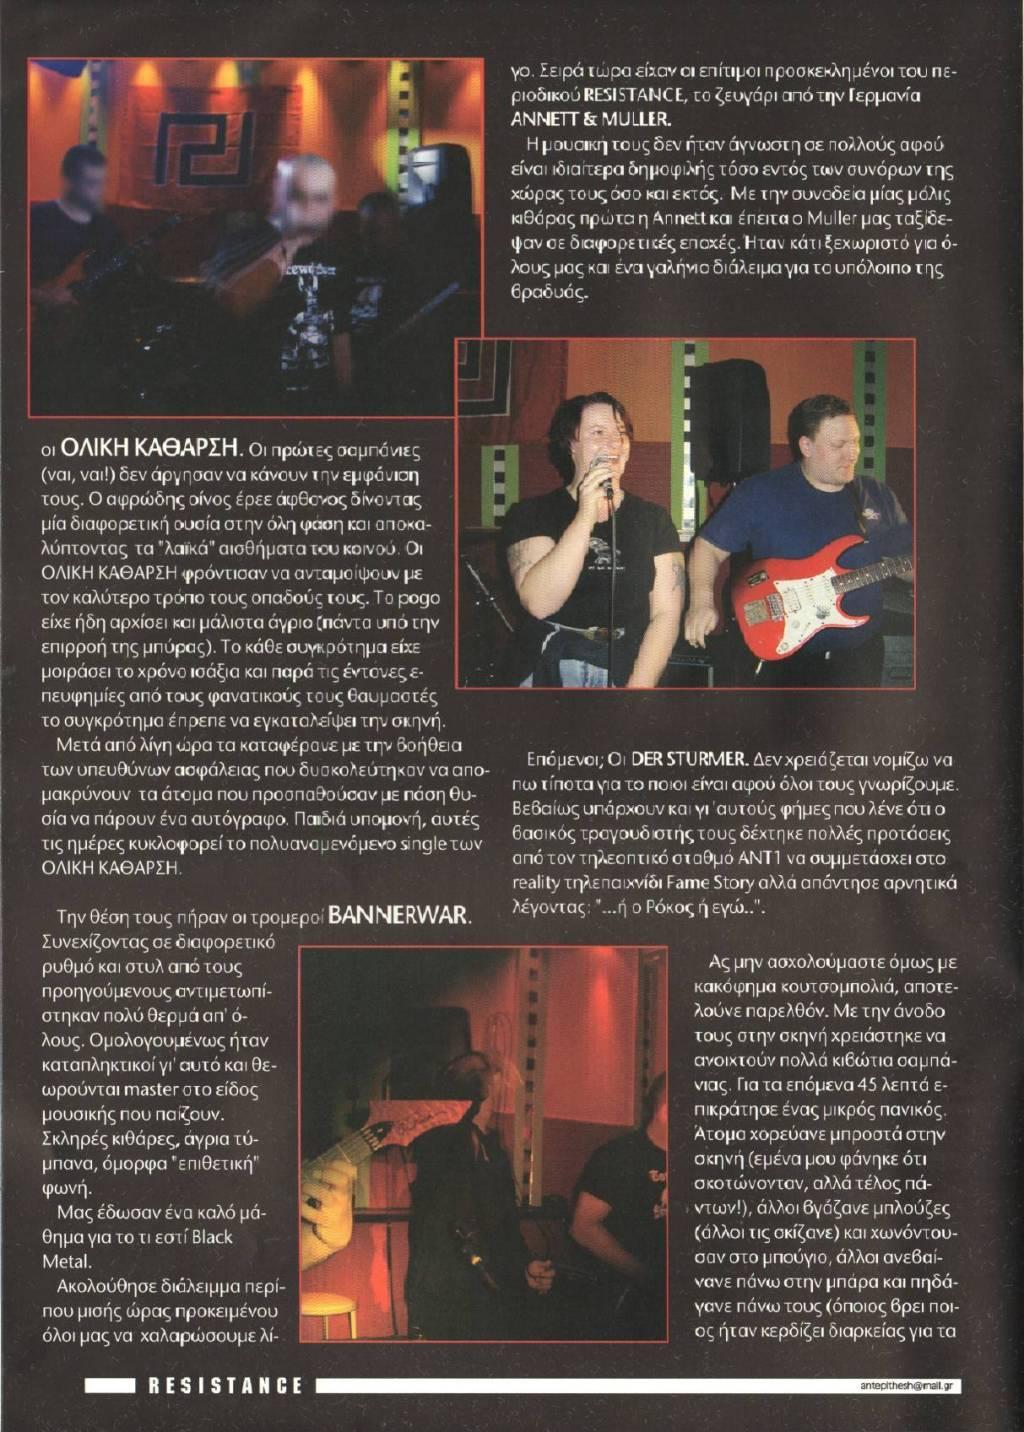 2005-03-ΜΑΡ-ΑΝΤΕΠΙΘΕΣΗ-ΤΧ#22-ΣΕΛ-24 - Ροκ για την πατρίδα 2005-01-30 - Συναυλία σε μαγαζί - Annette & Muller + Pogrom + Ολική Κάθαρση + Boiling Blood - ΑΝΤΕΠΙΘΕΣΗ, Α.Τ. 22, 03-2005, σελ. 24